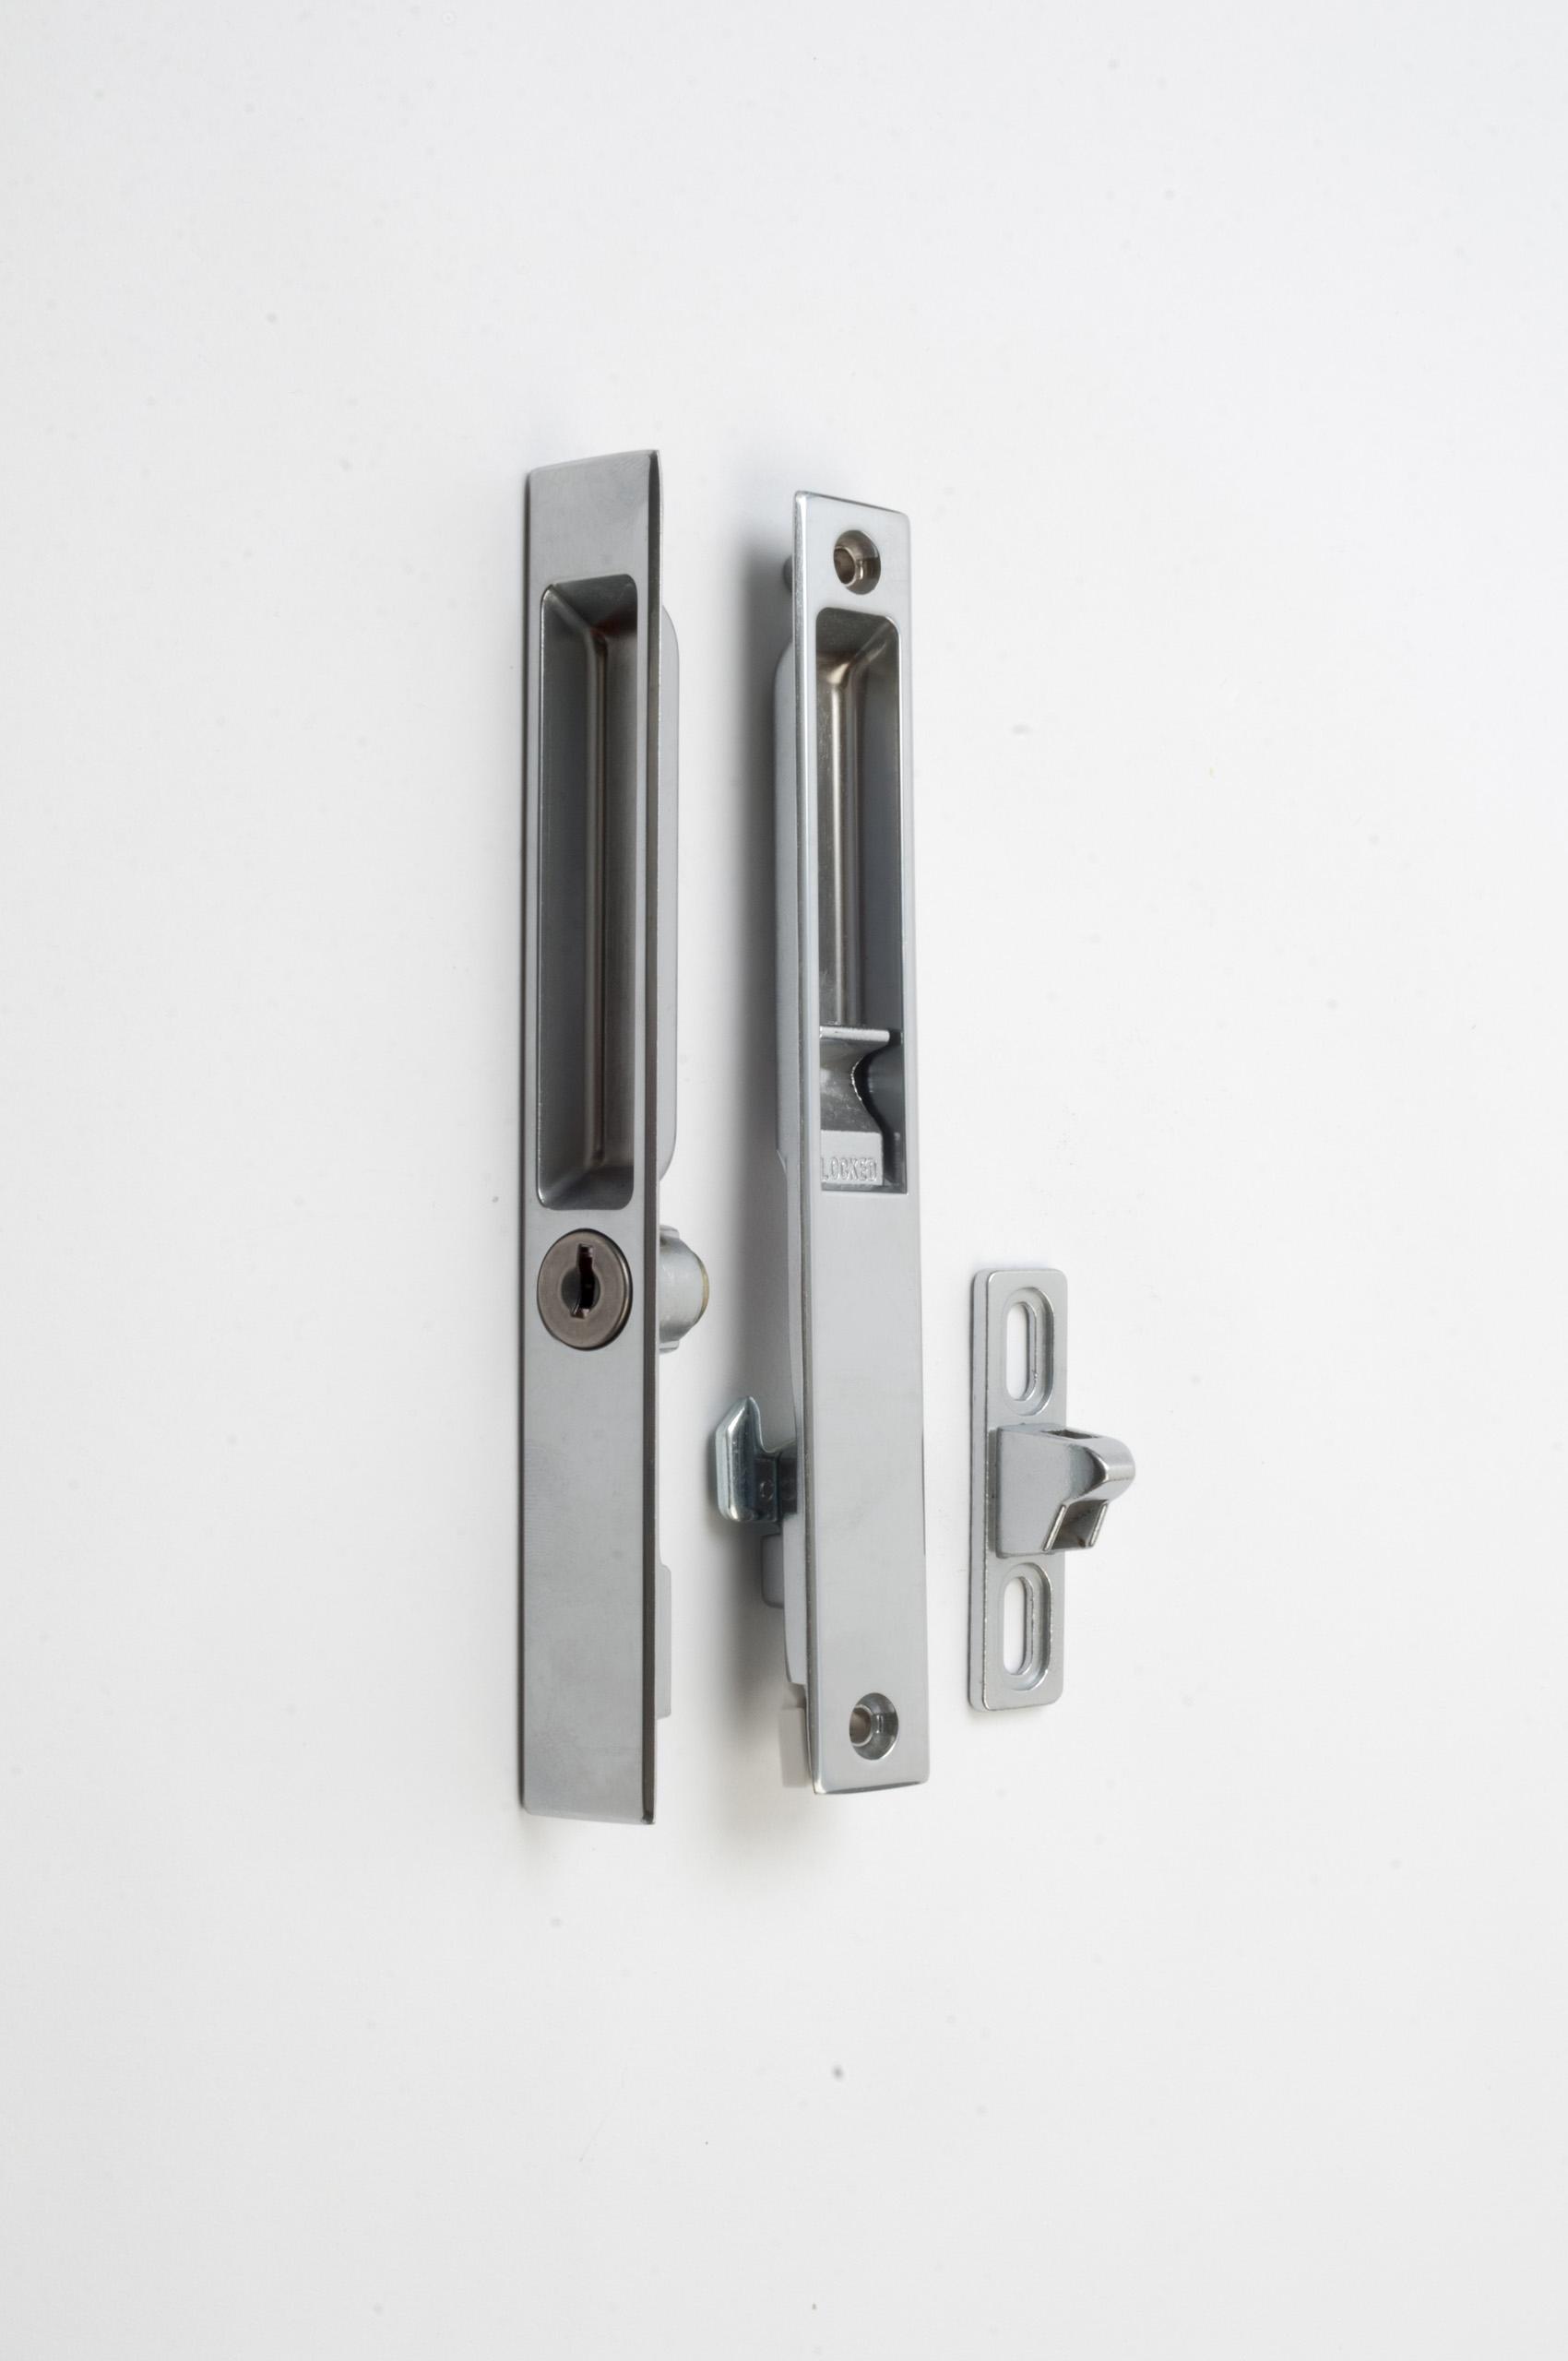 Sliding Patio Door Latch Hookpatio doors patio doors child proof door lock sliding locksliding